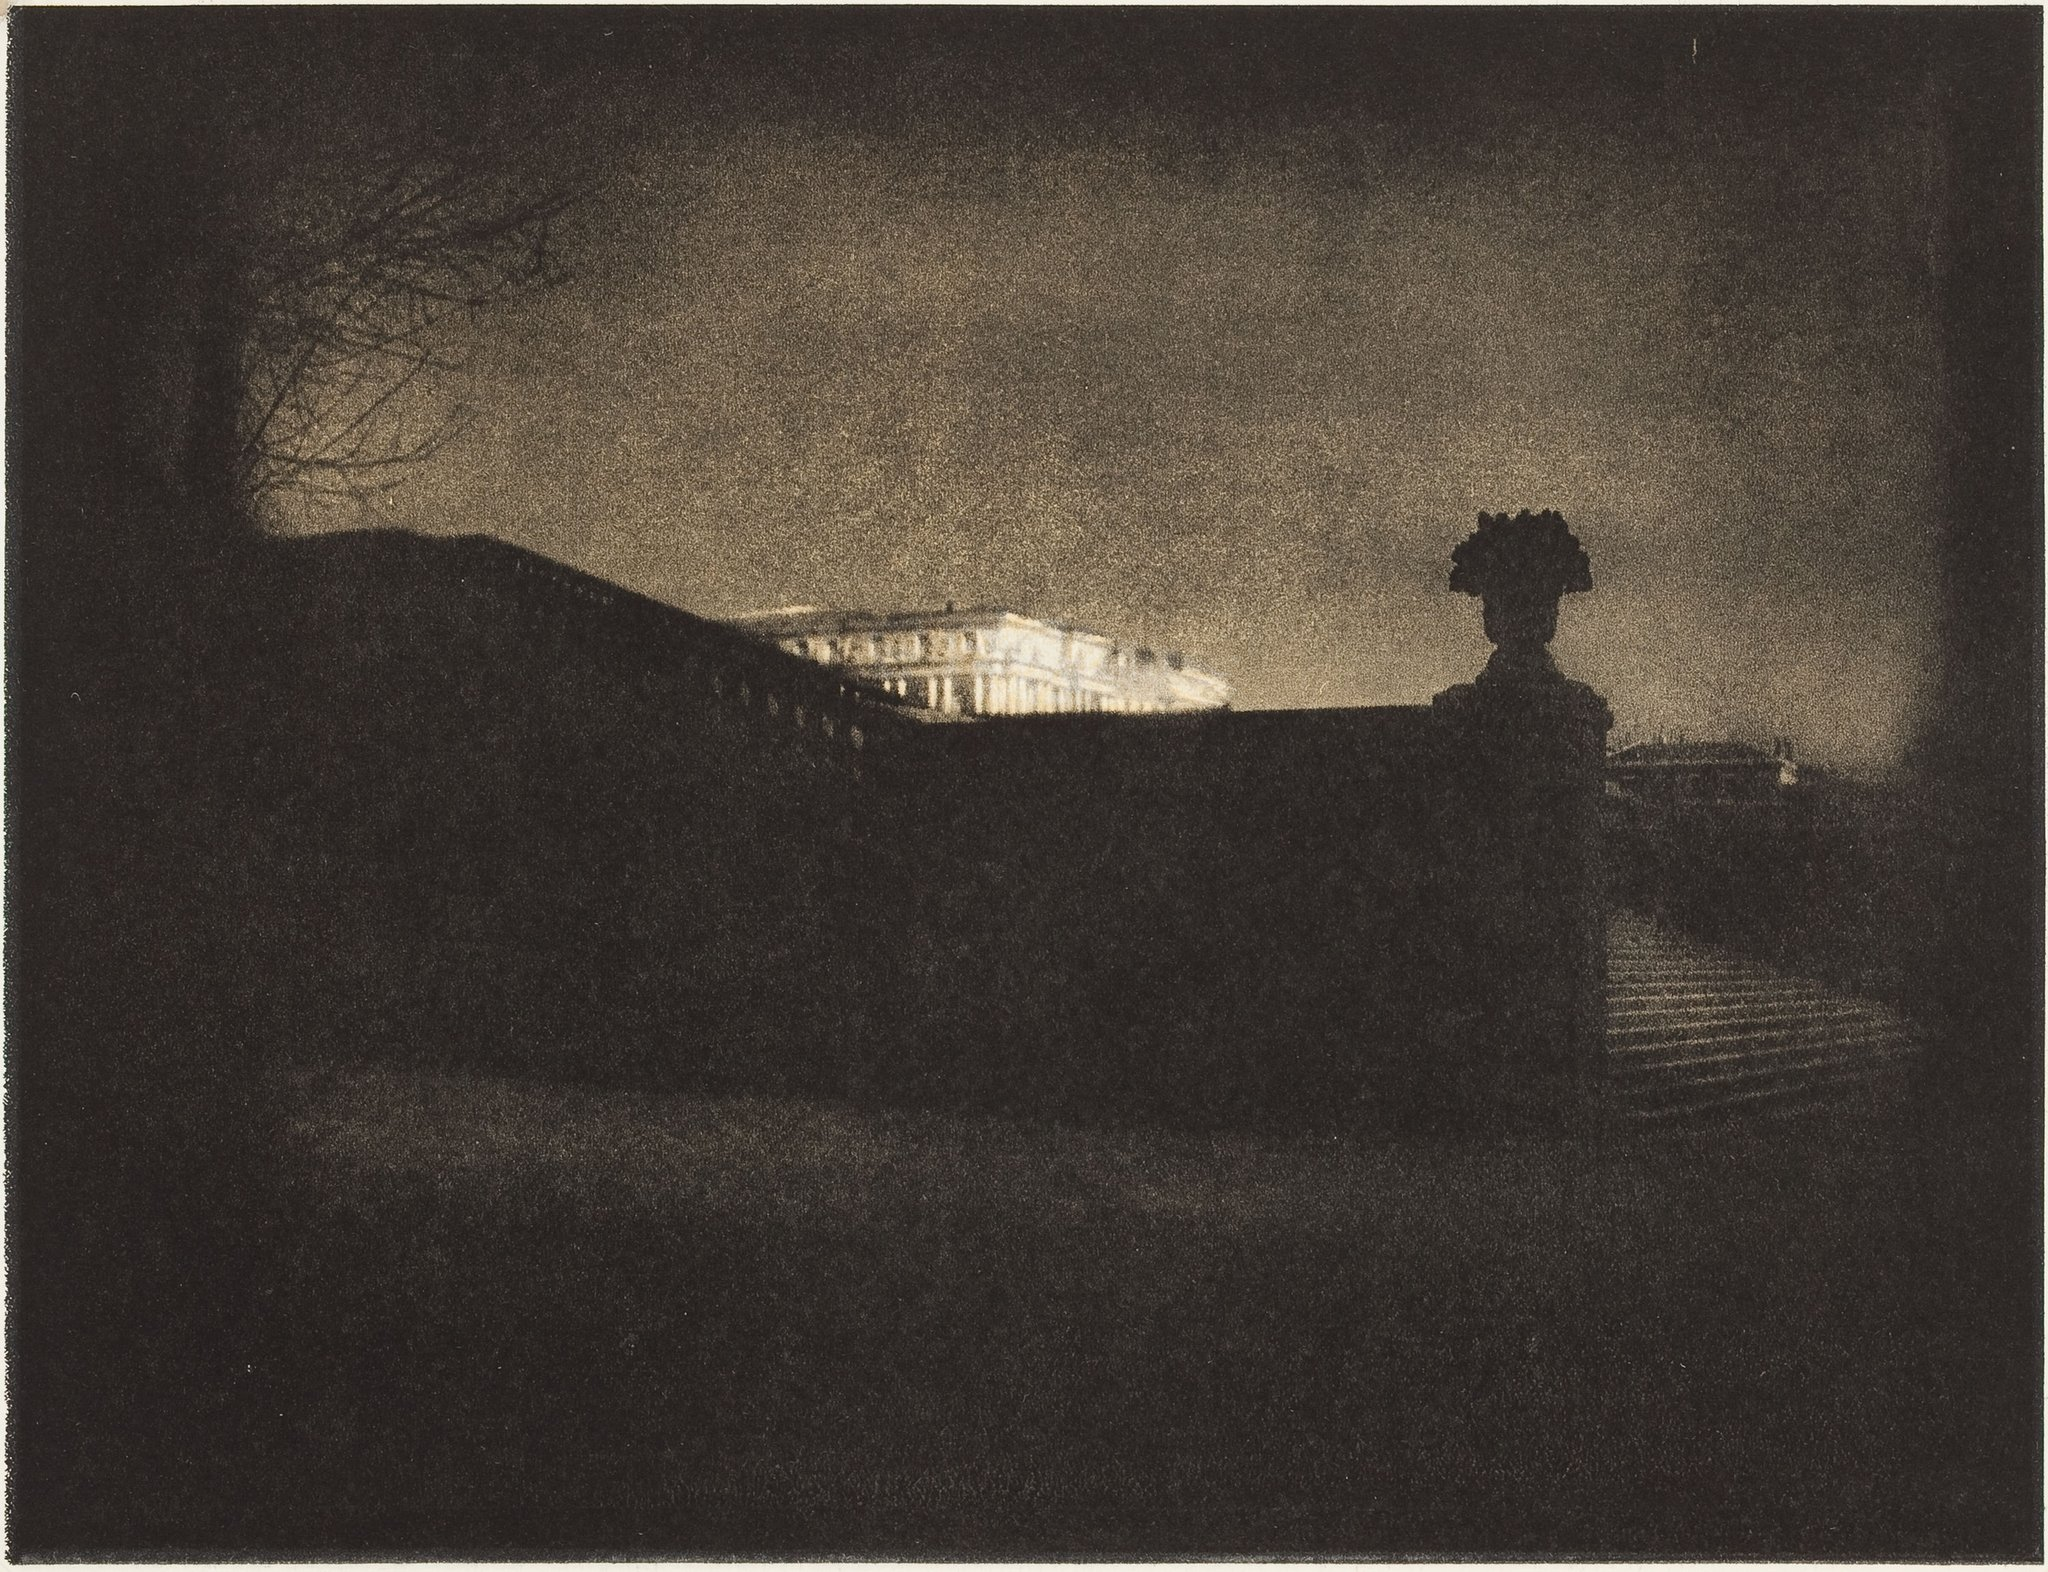 RT @AnneMortier1: Nocturne... Versailles, 1913 Edward Steichen…